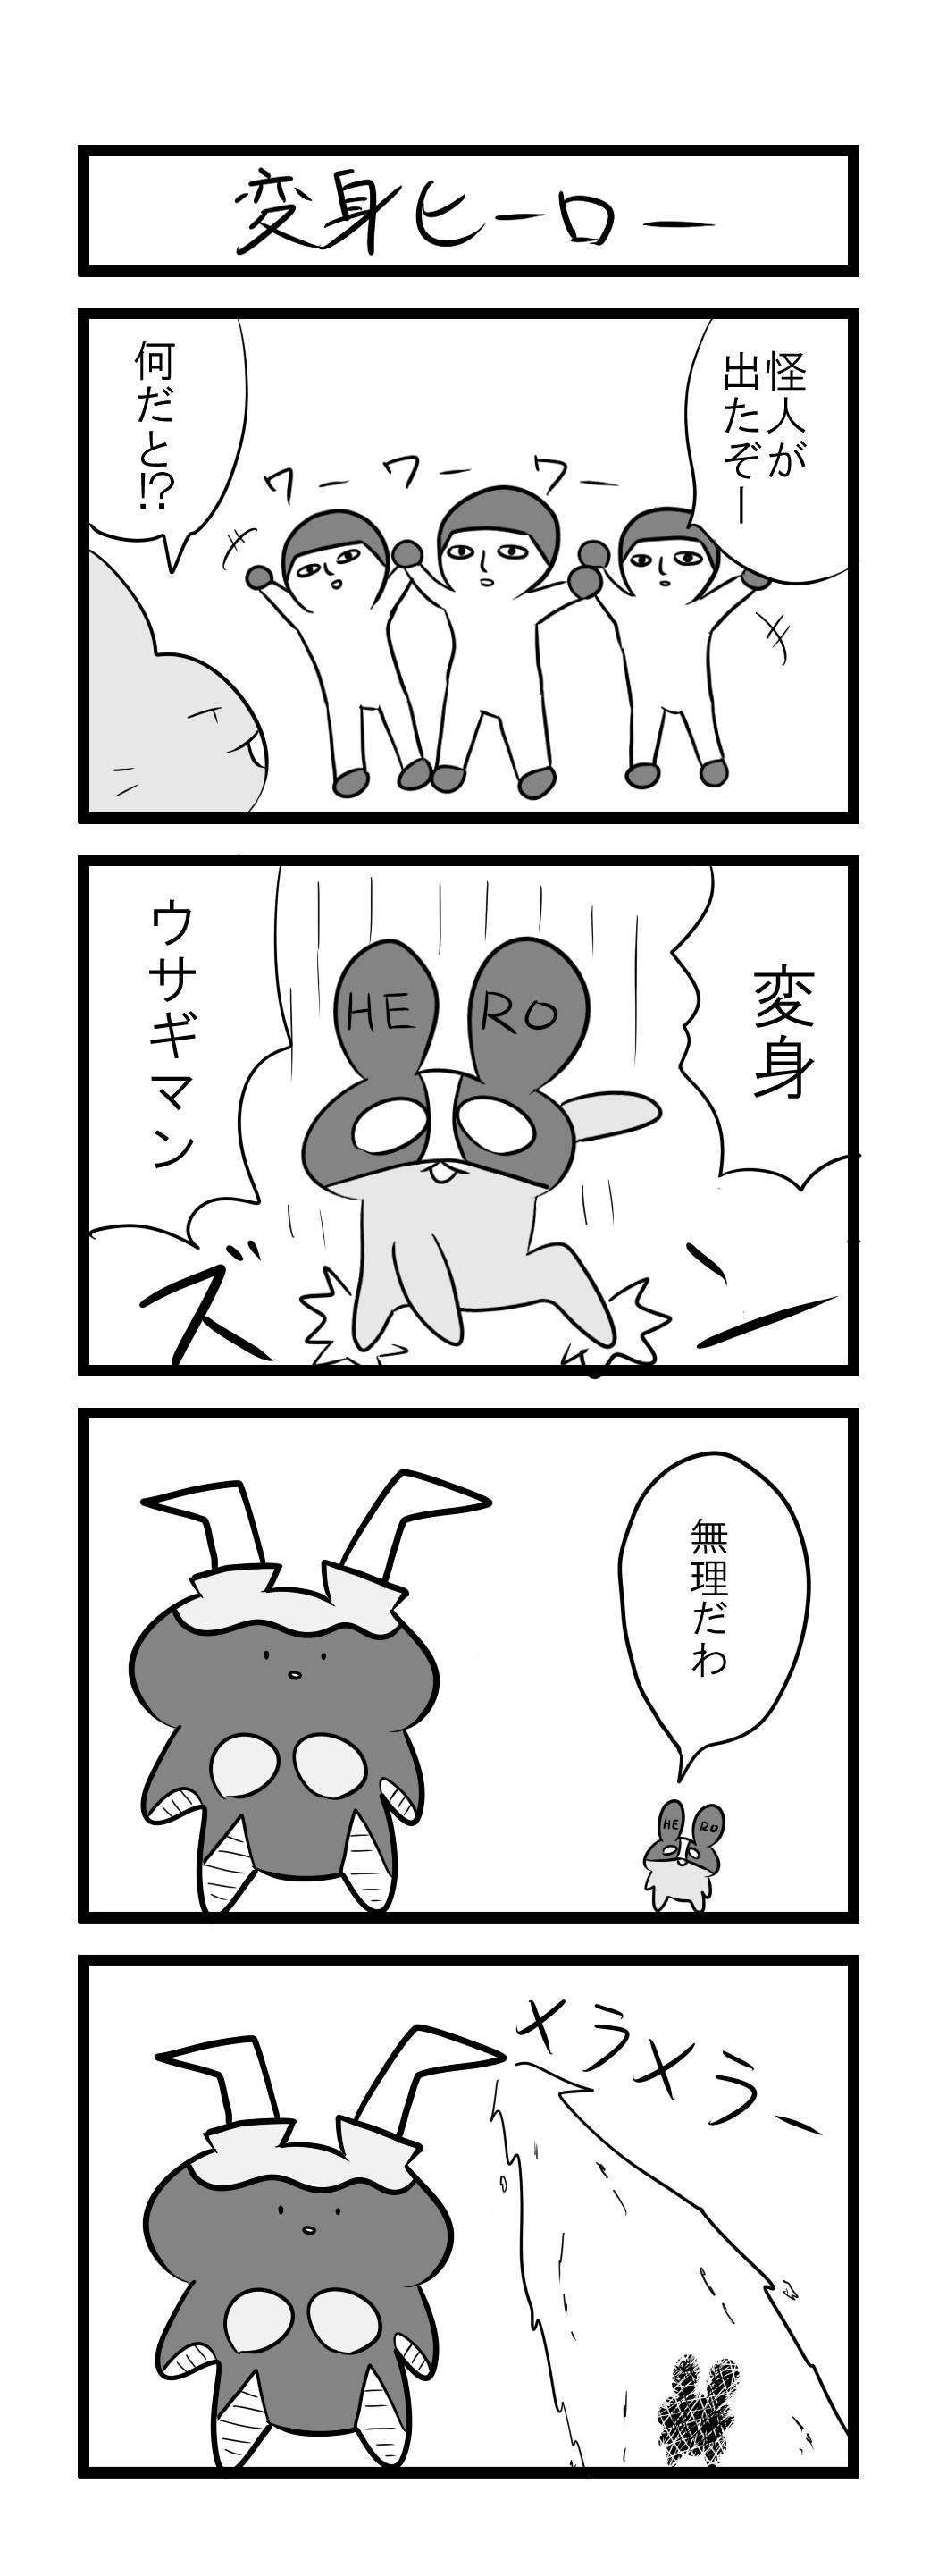 変身ヒーロー